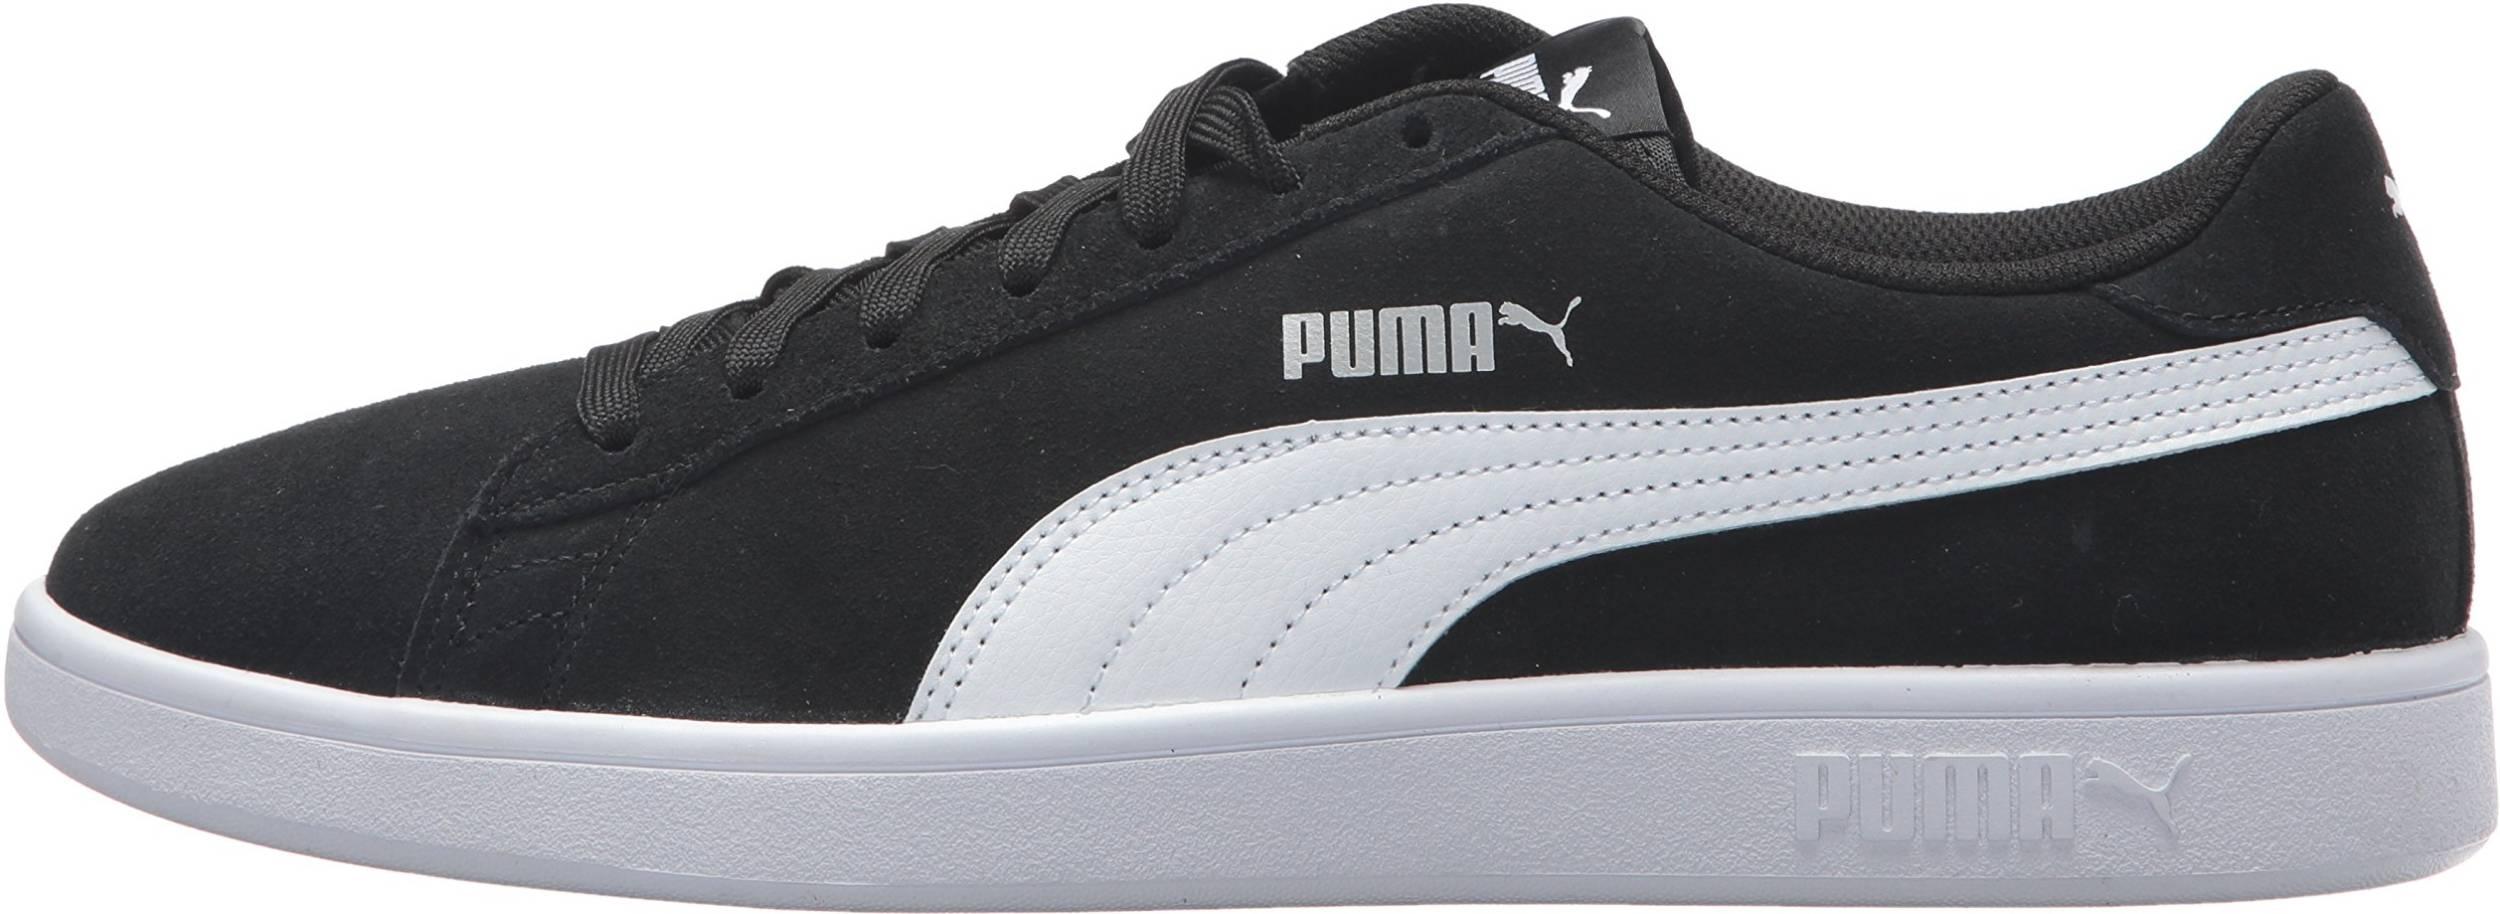 Only $20 + Review of Puma Smash v2